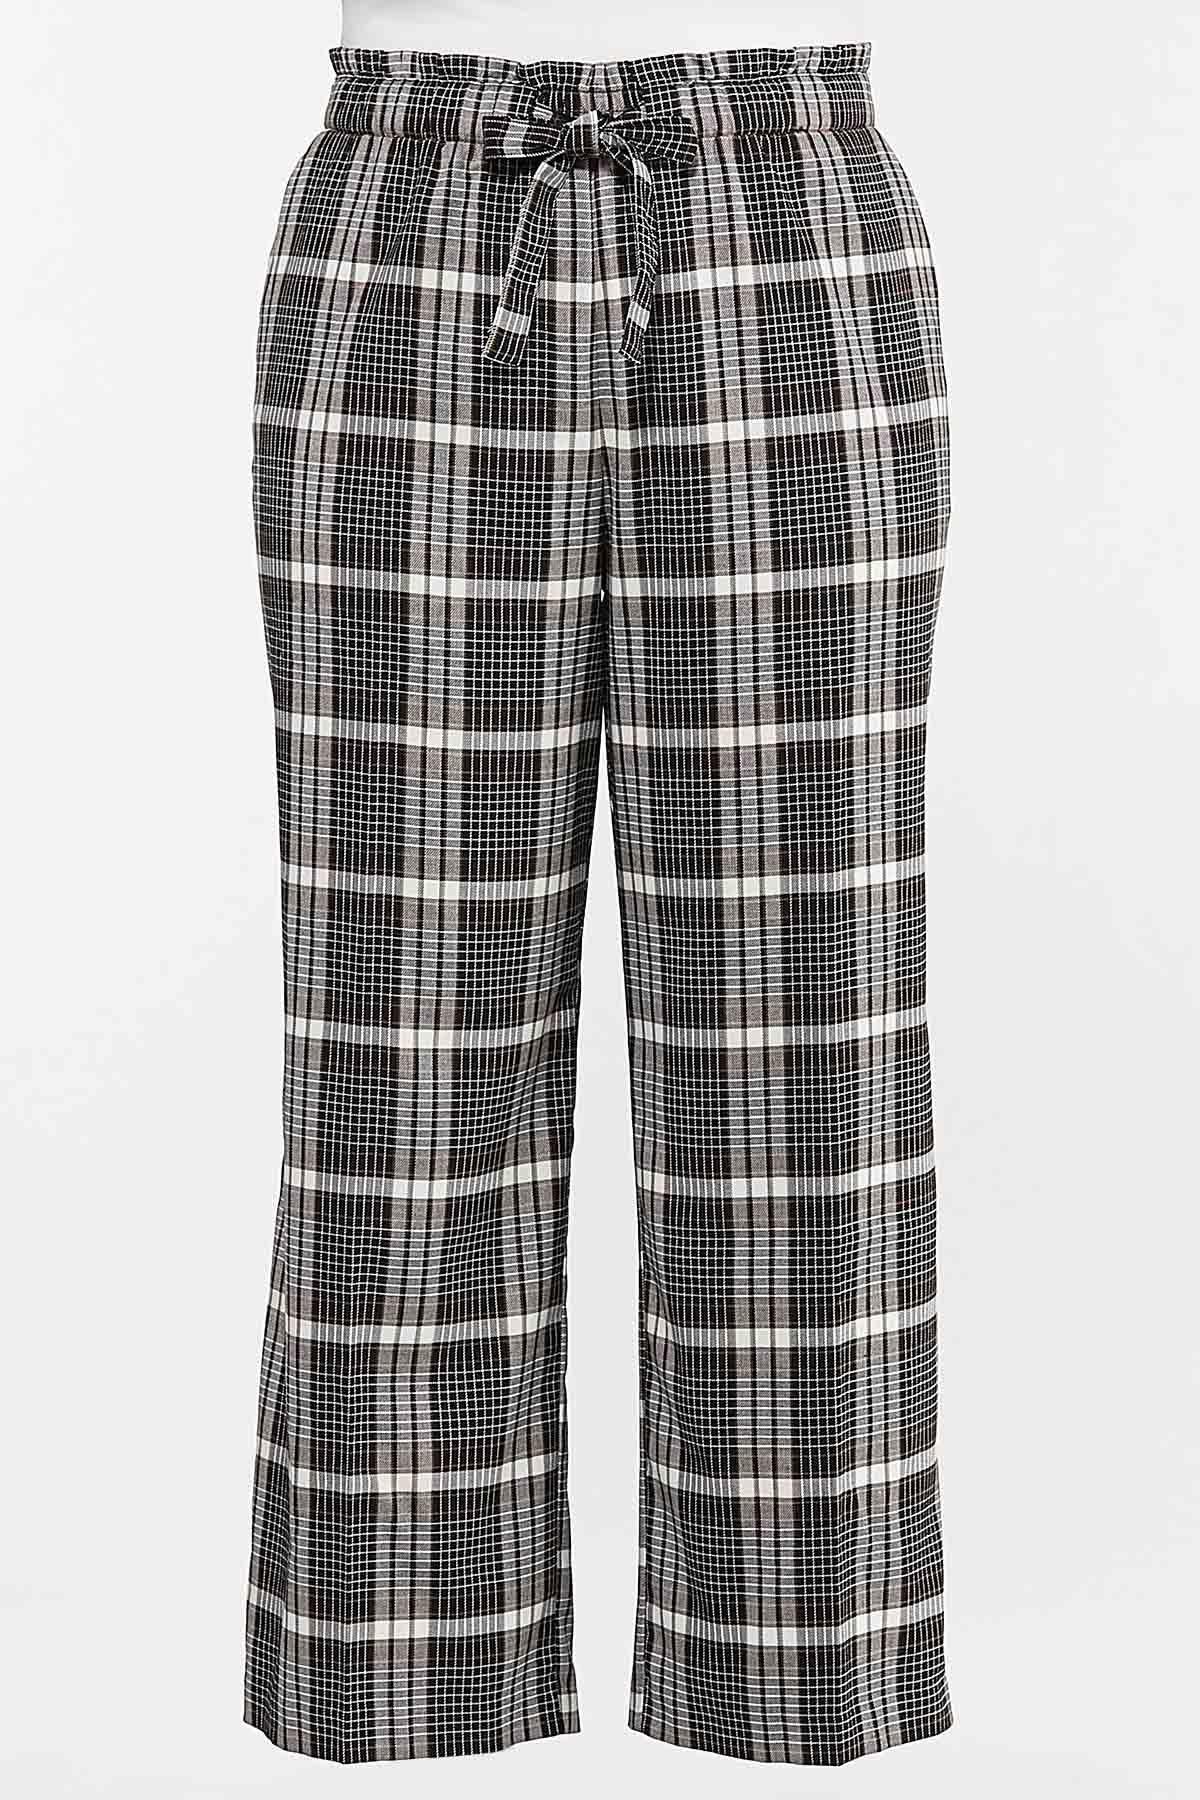 Plus Size Plaid Trouser Pants